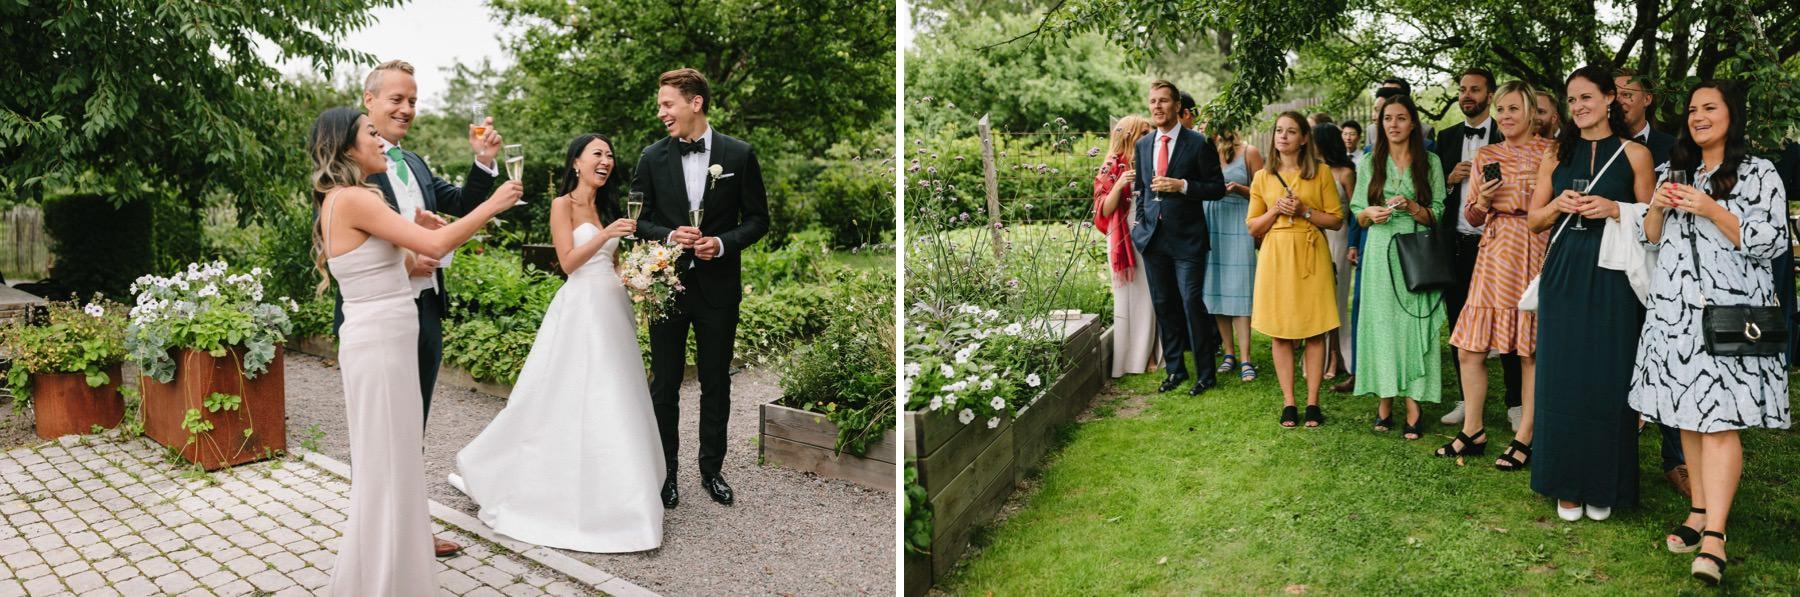 destination wedding in Sweden